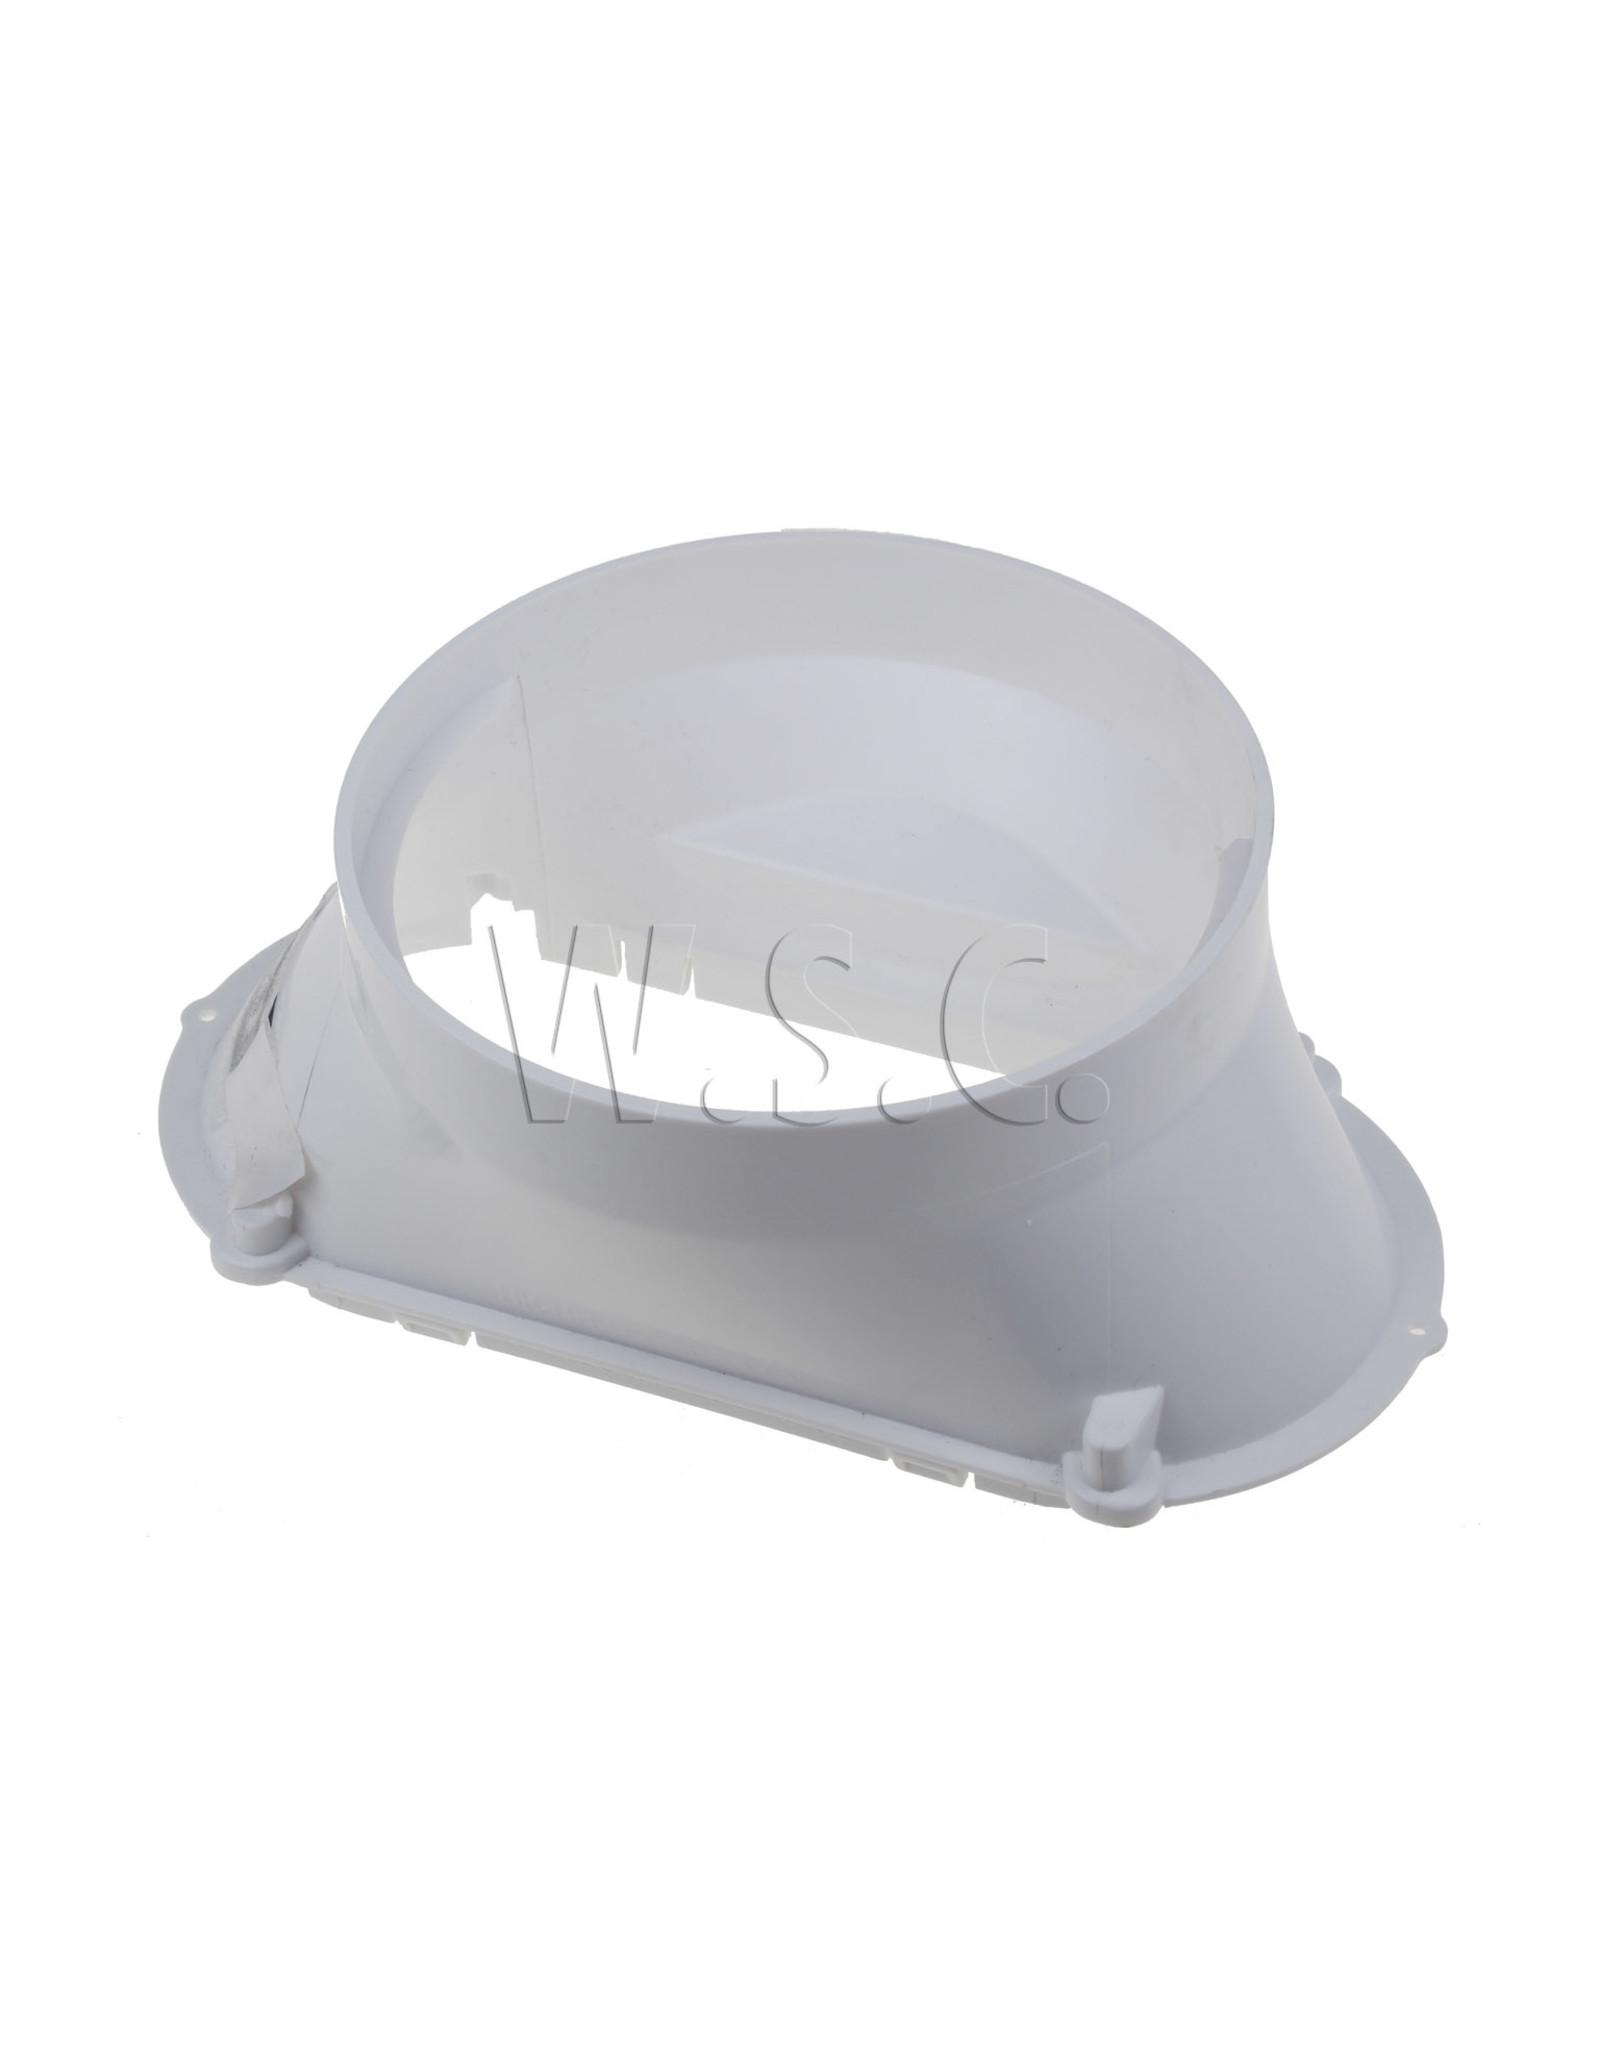 Whirlpool ADAPTER - KOPPELING LUCHTAFVOER